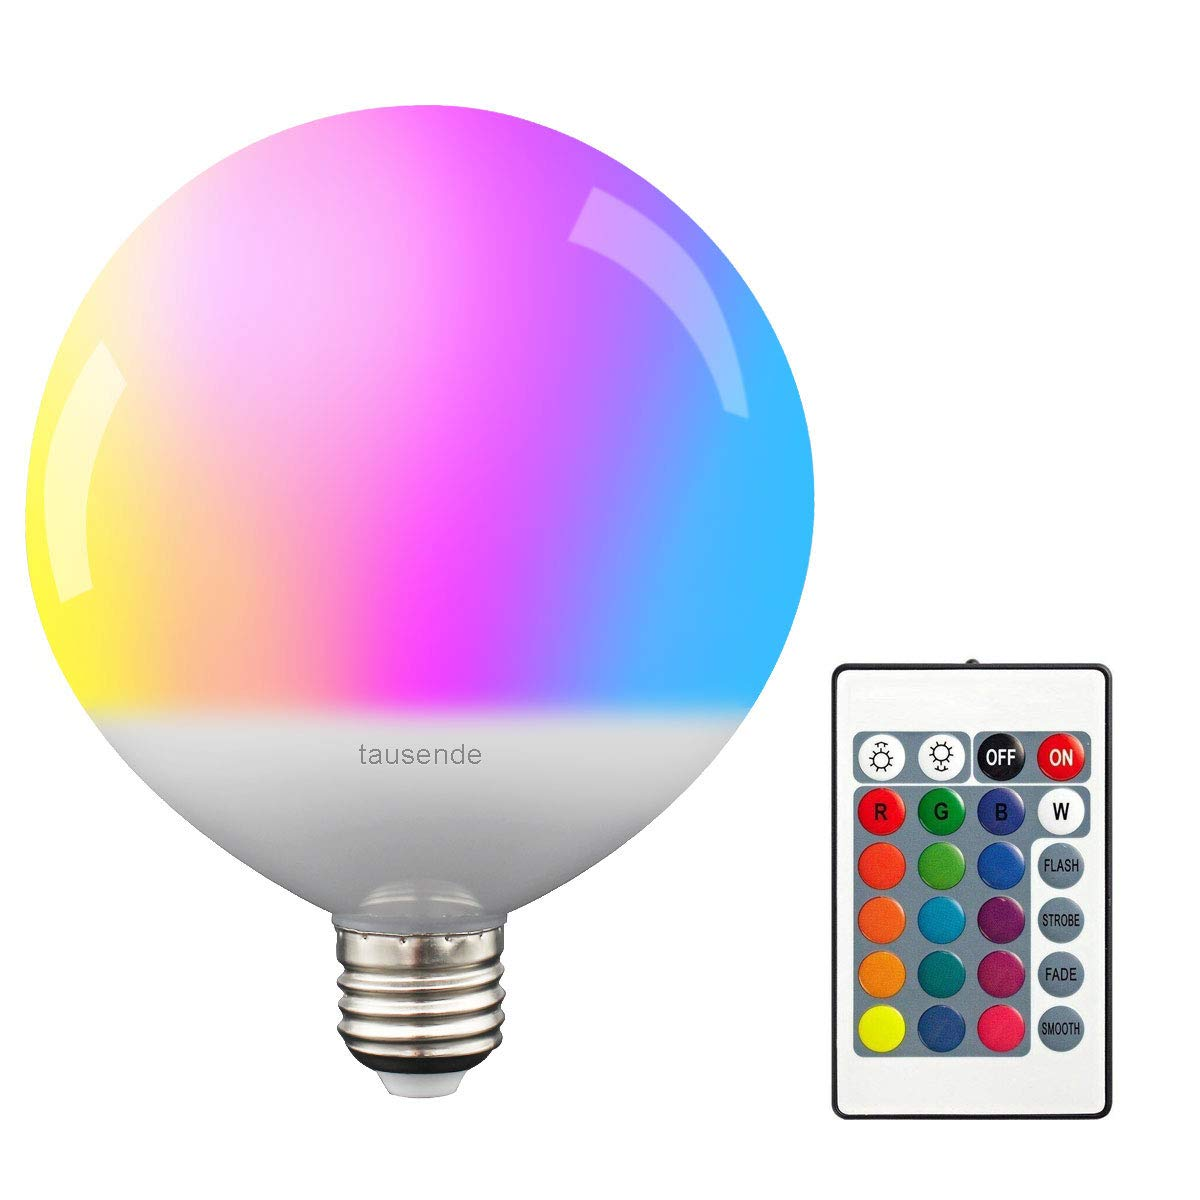 RGBW Bombilla LED E27 regulable 10W, TAUSENDE Bombilla LED que cambia de color con bombilla de control remoto Luces Edison Bombilla atornillable, 15 opciones de color RGB y luz diurna blanca para la barra de la sala KTV Decoració n de la etapa Efect